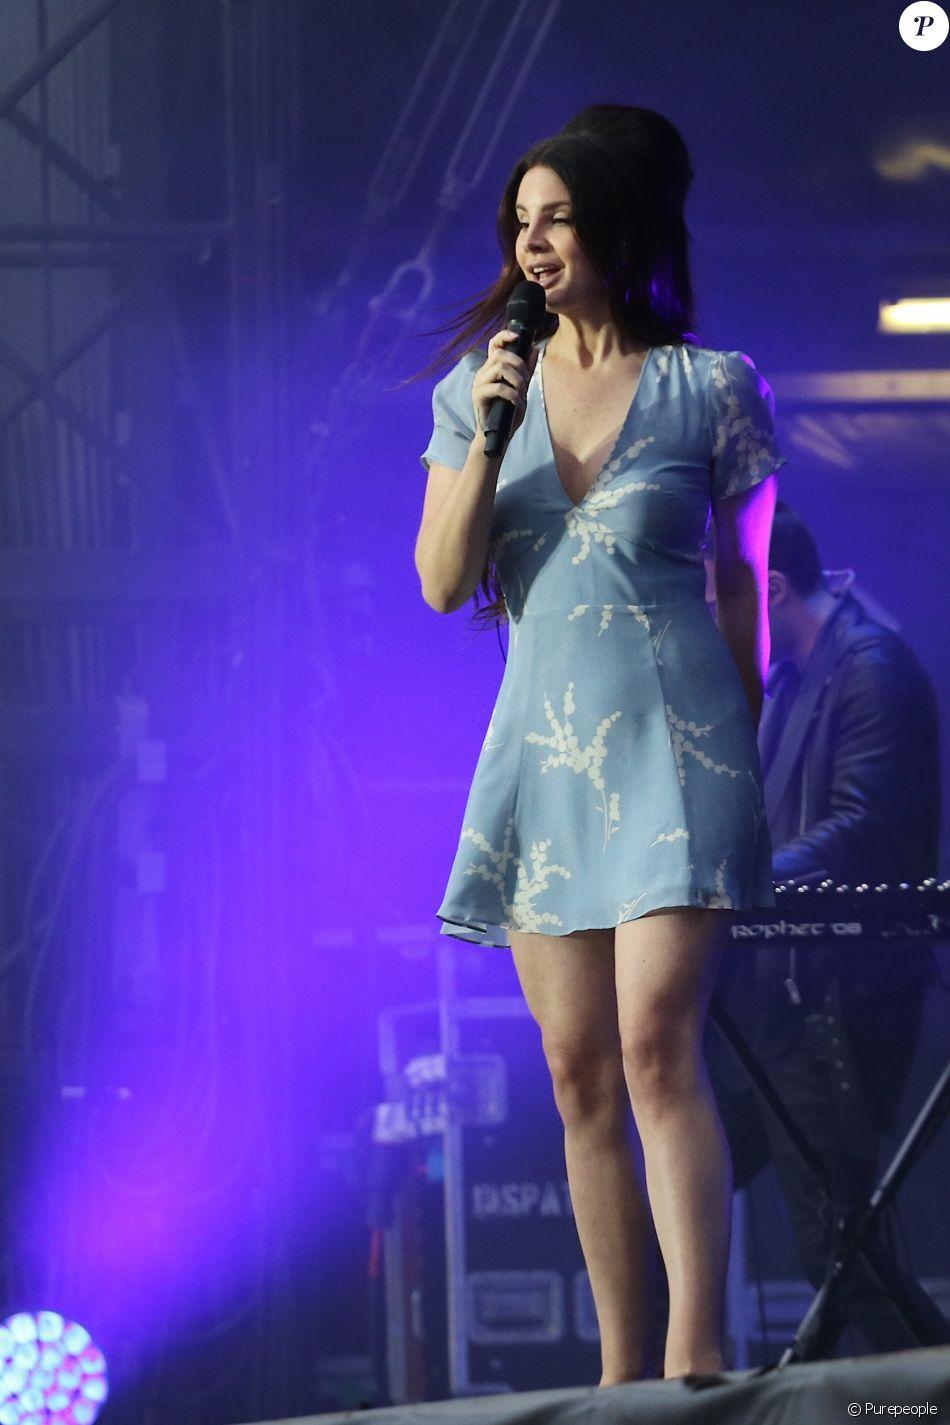 Lana Del Rey - Deuxième jour du Festival Lollapalooza à Paris. Le 23 juillet 2017 © Lise Tuillier